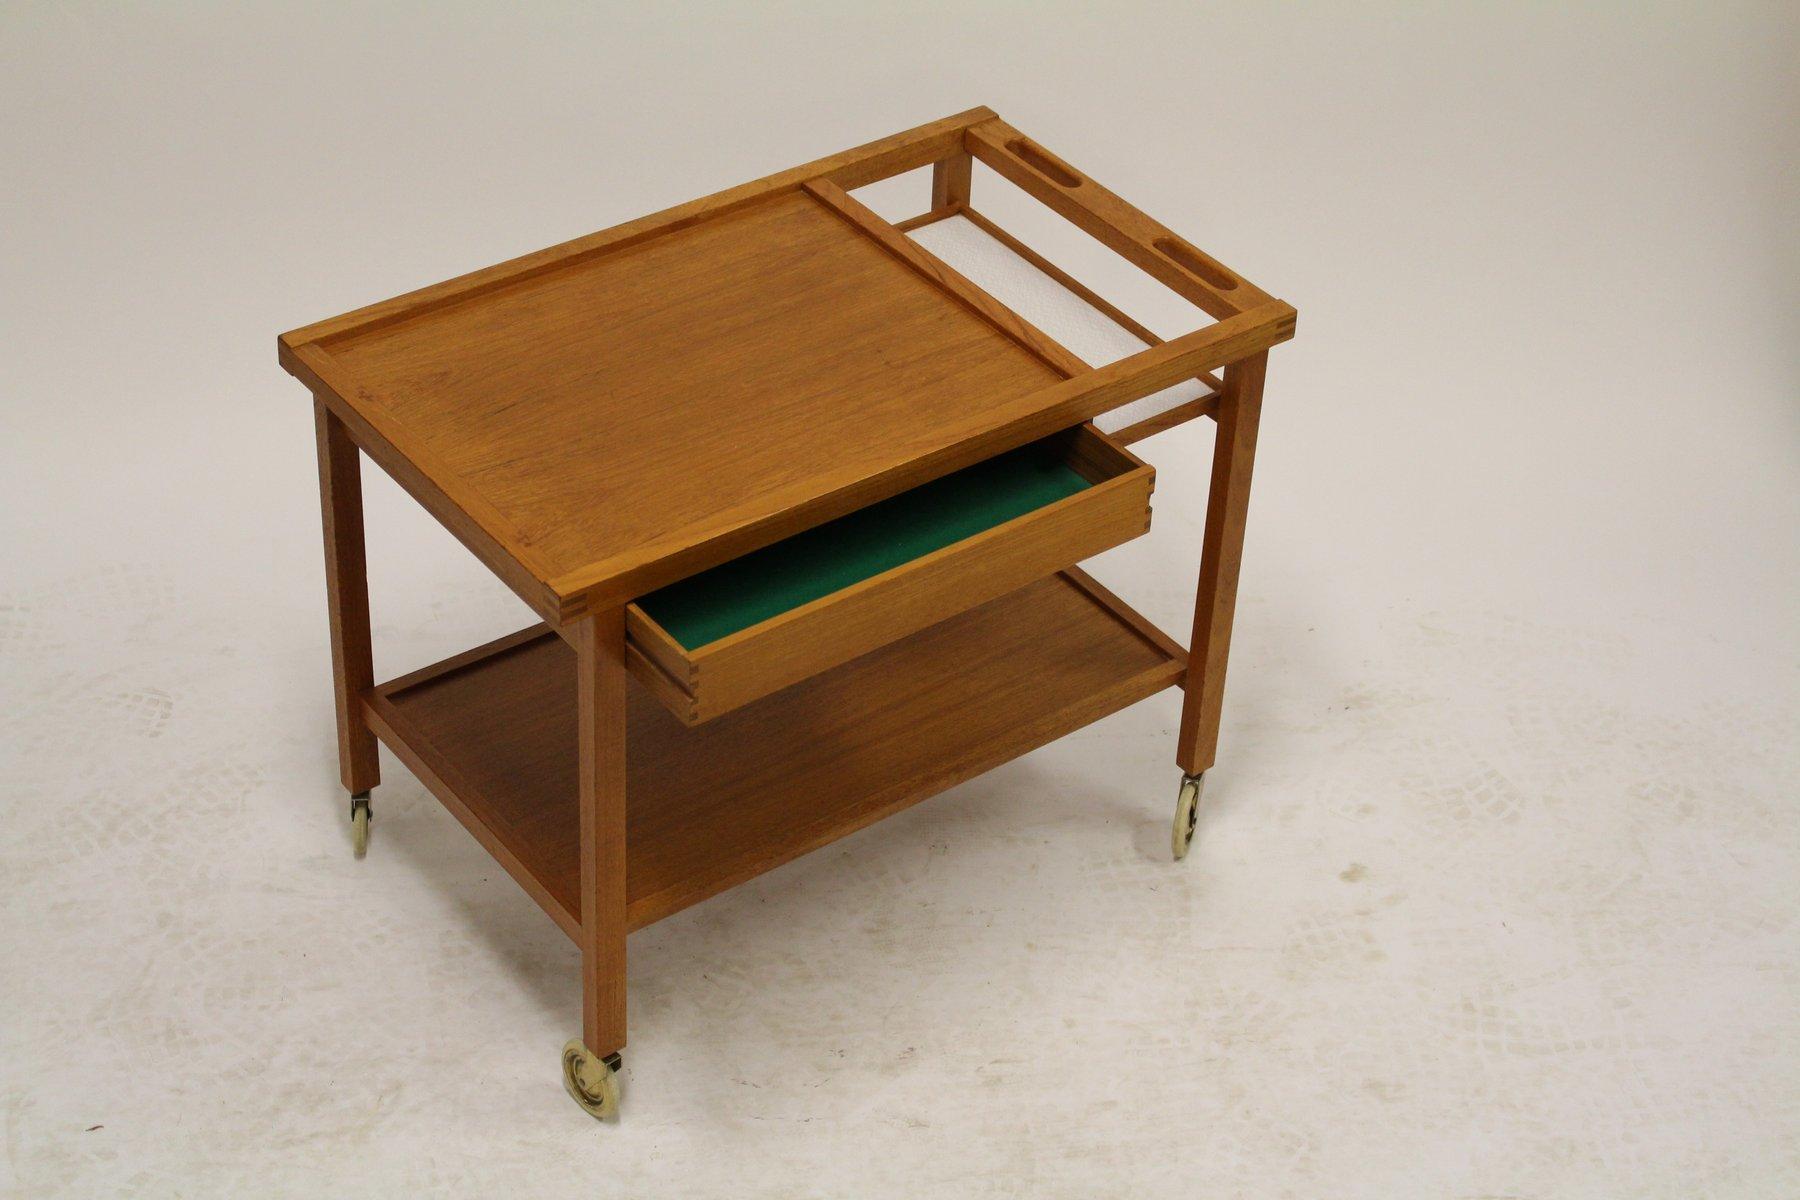 chariot de bar vintage en teck avec bo te et tag re en lamin de di m bler sweden en vente sur. Black Bedroom Furniture Sets. Home Design Ideas